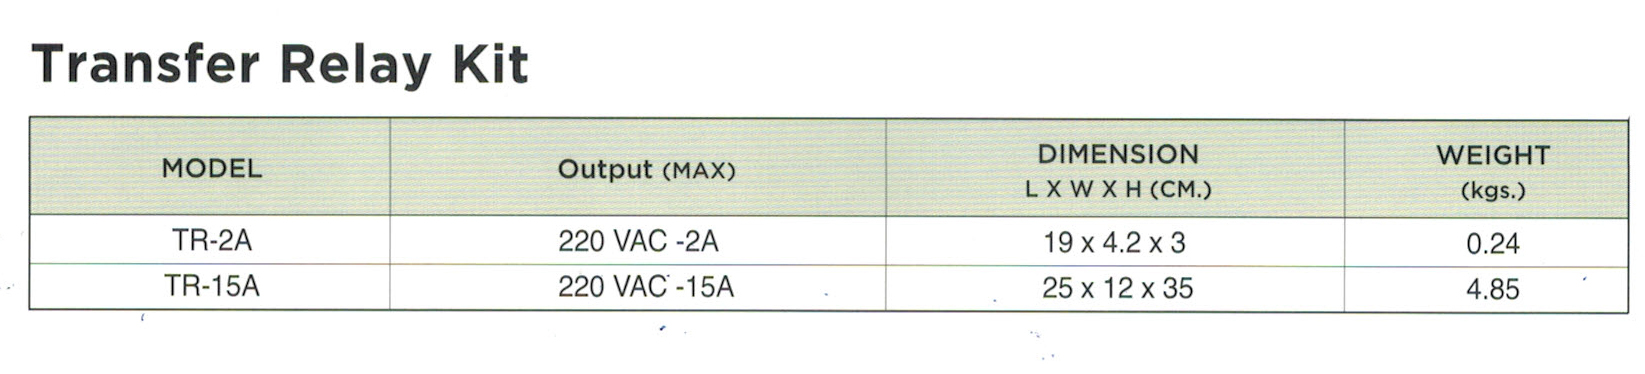 ทรานเฟอร์ รีเลย์ TR-2A, TR-15A (Transfer Relay Max Bright )